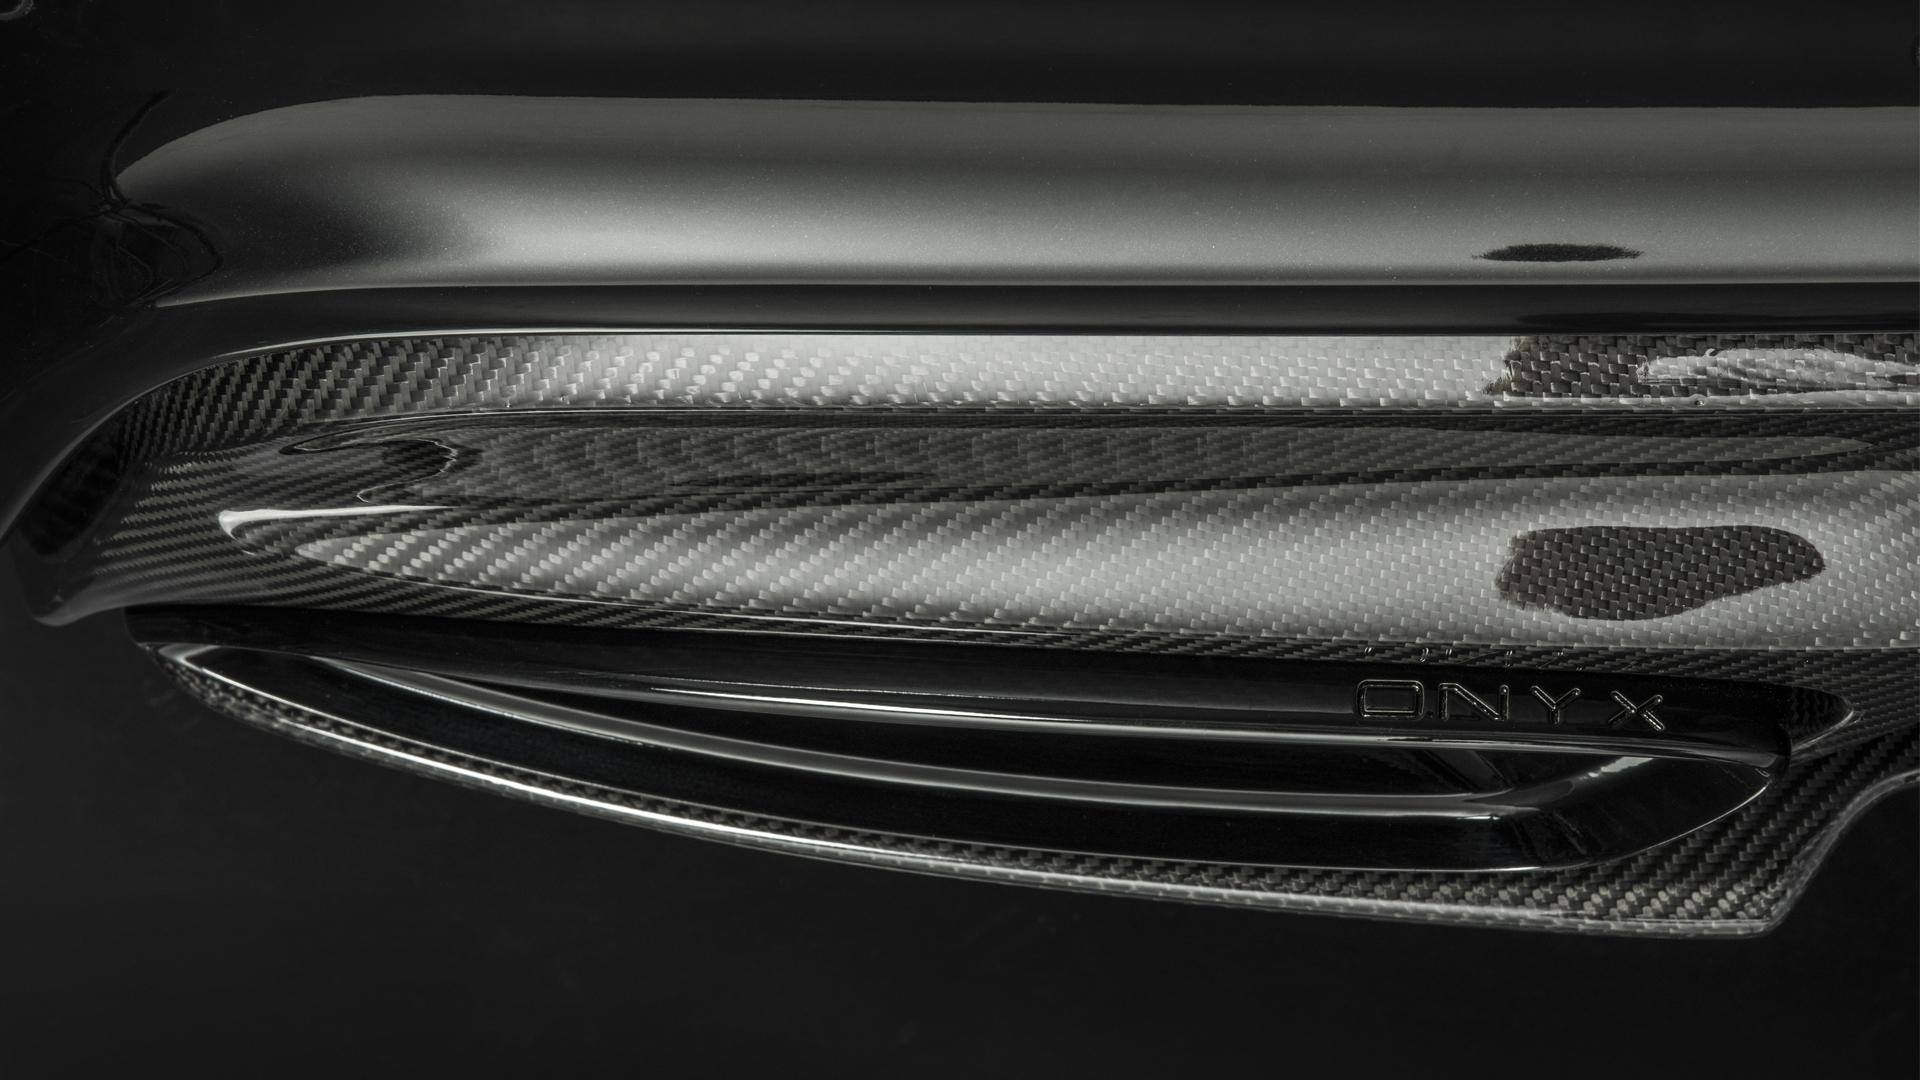 Onyx ASPEN body kit for RANGE ROVER SERIES-II latest model